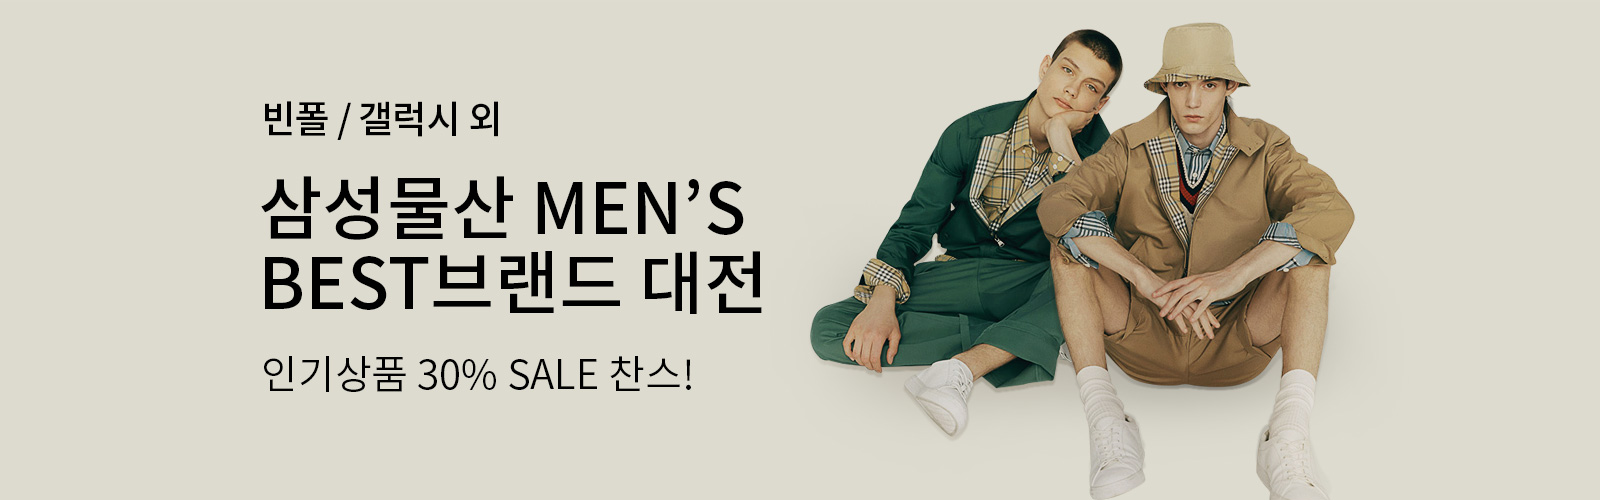 빈폴 / 갤럭시 외 삼성물산 MEN'S BEST브랜드 대전 인기상품 30% SALE 찬스!